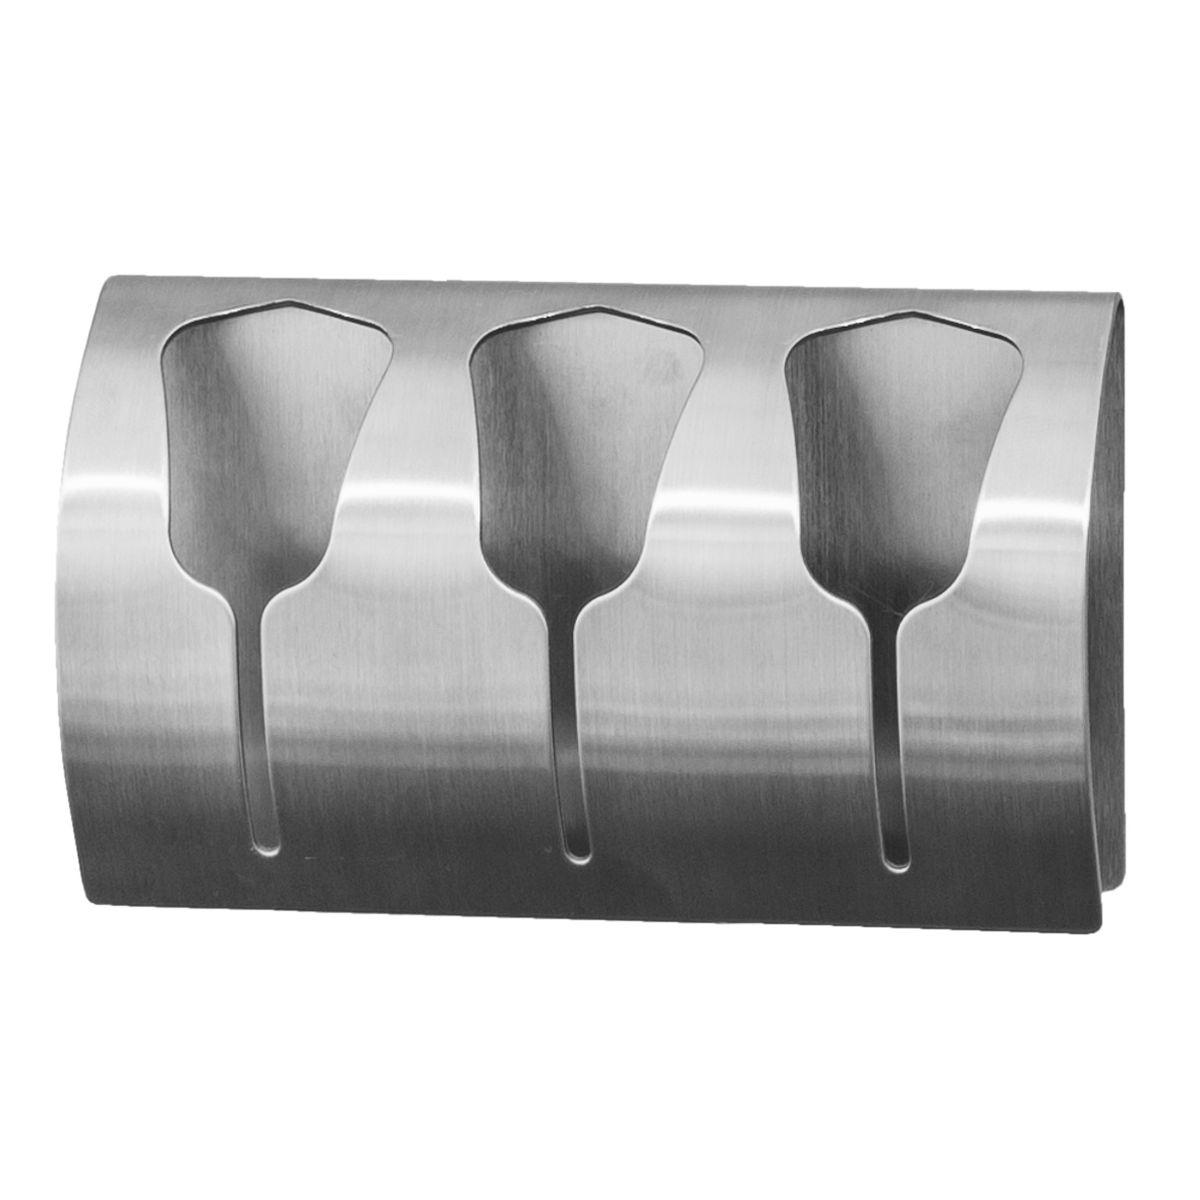 Вешалка Tatkraft Bell, самоклеящийся, для 3 полотенец20153Вешалка Tatkraft Bell - самоклеящаяся вешалка для 3 полотенец из нержавеющей стали, не боится влаги, удобна в использовании. Легкая установка (инструкция на упаковке), надежный клеевой слой, выдерживает вес до 10 кг.